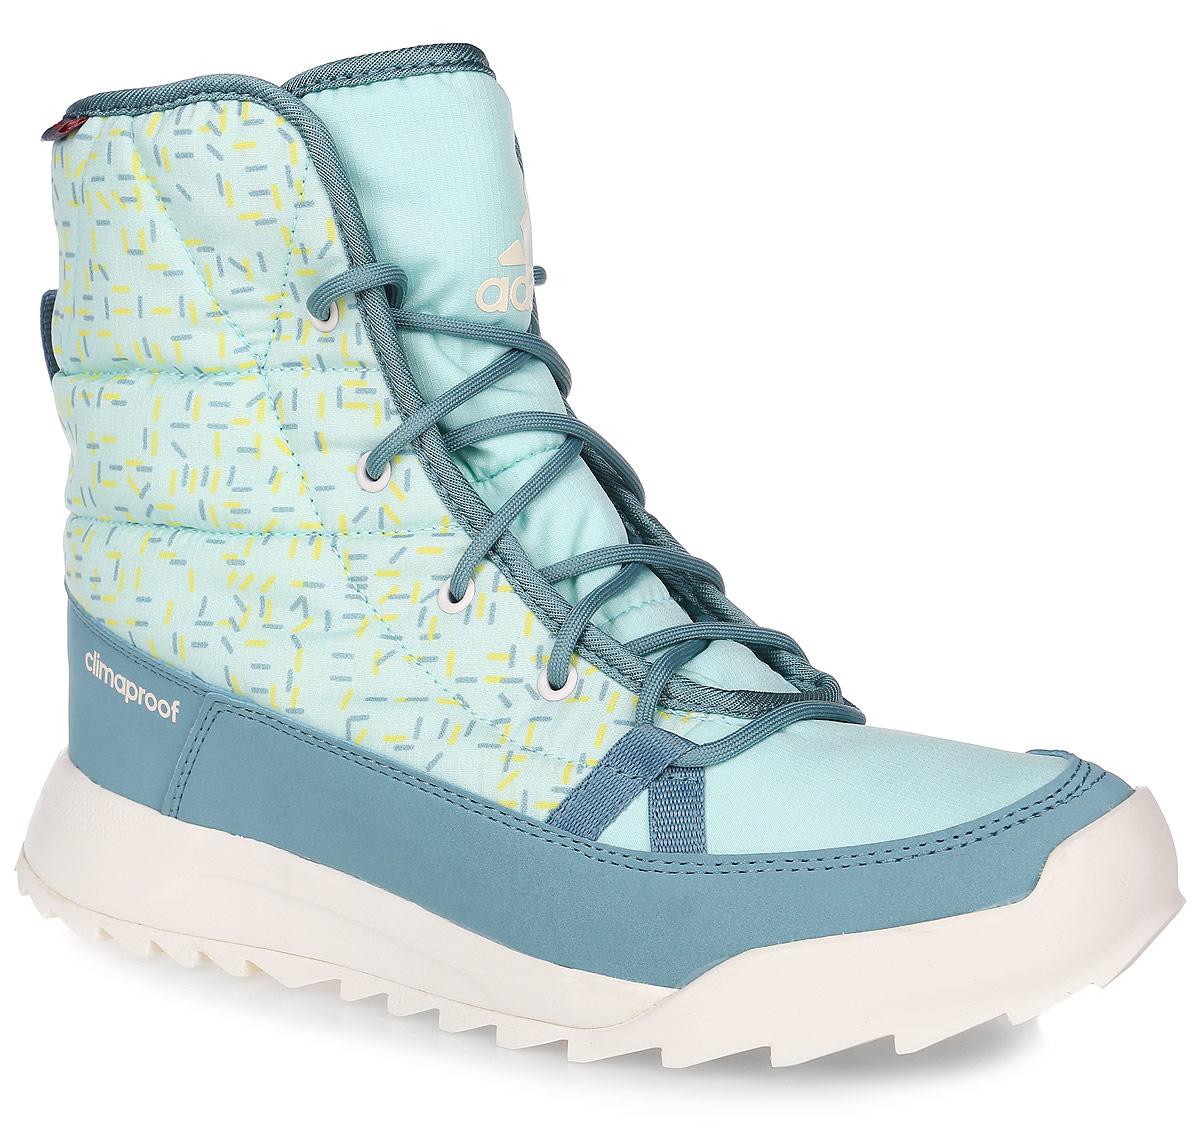 Ботинки женские adidas CW Choleah Padded C, цвет: мятный. AQ2024. Размер 4,5 (36)AQ2024Женские туристические ботинки CW Choleah Padded C от adidas, выполненные из водонепроницаемого материала Climaproof с утеплителем PrimaLoft сохранят ваши ноги в тепле и сухости на заснеженных тропах и холодных улицах. Высокотехнологичный синтетический наполнитель PrimaLoft продолжает греть даже во влажном состоянии. Текстильный верх с геометрическим принтом и дизайн адаптирован под особенности женской стопы. Модель дополнена вставками из синтетических материалов для износостойкости.Резиновая подошва Traxion с глубоким протектором для оптимального сцепления сохраняет свои свойства в течение долгого времени.